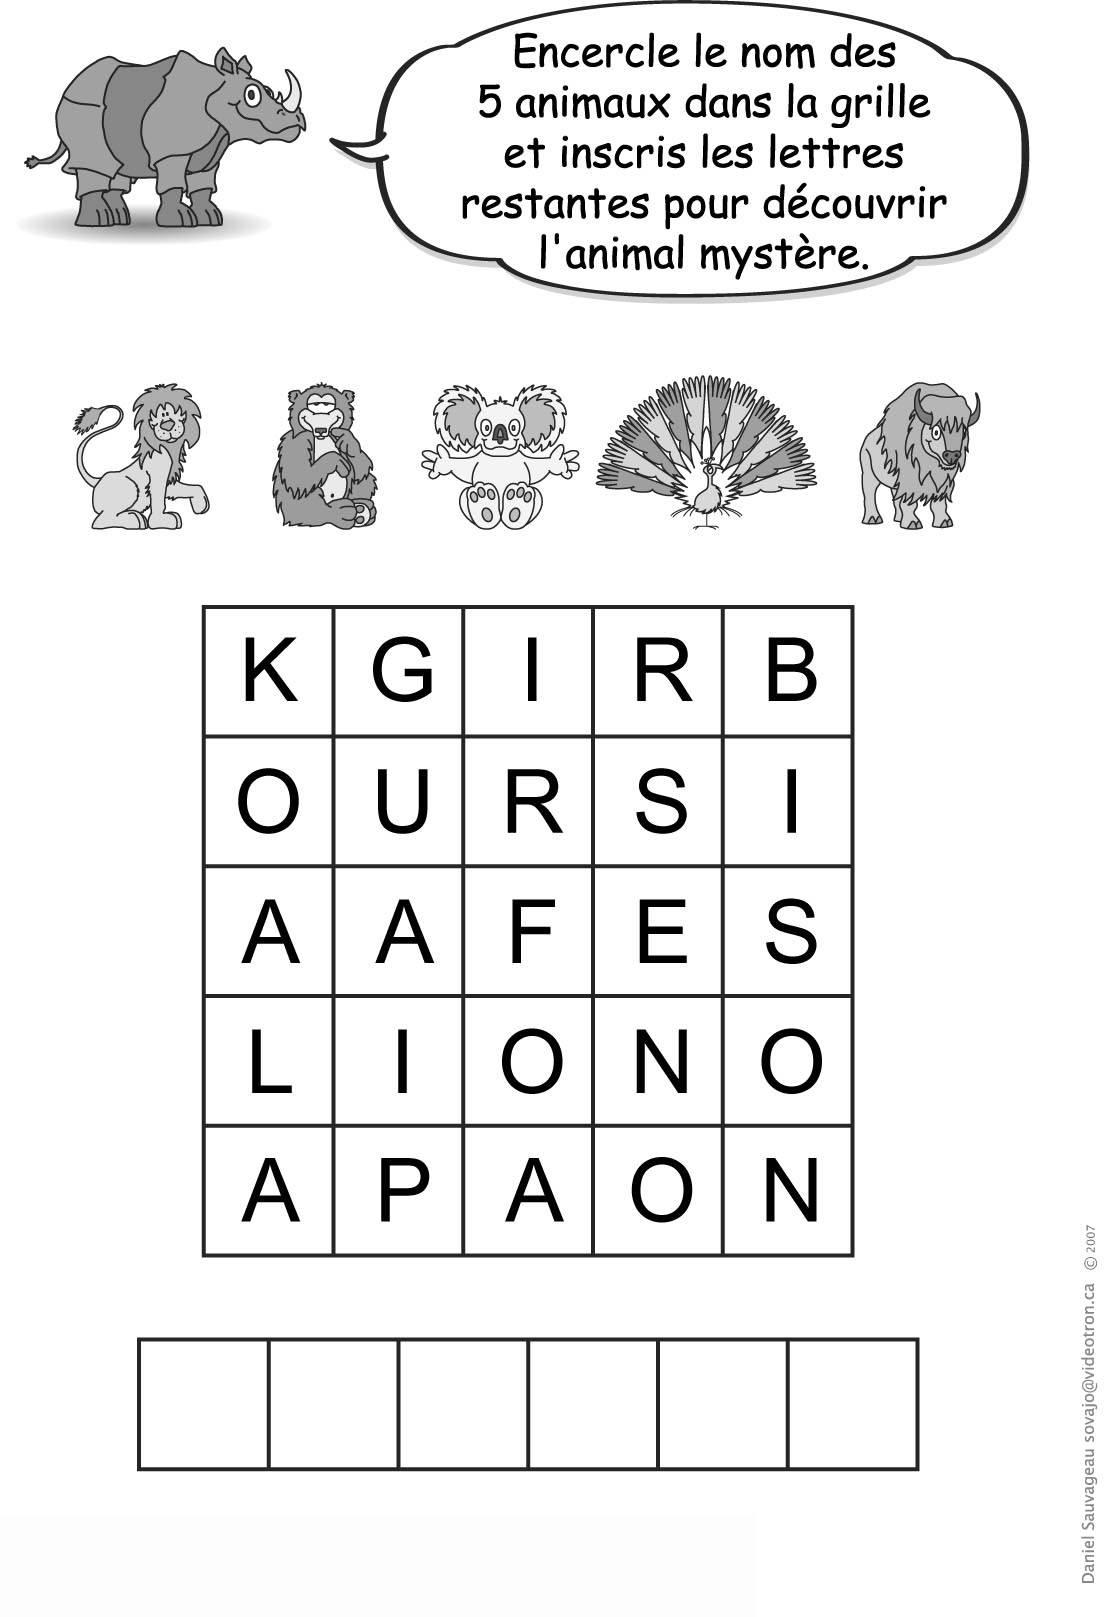 Jeux Pour Enfants No 33 tout Jeux Enfant Animaux